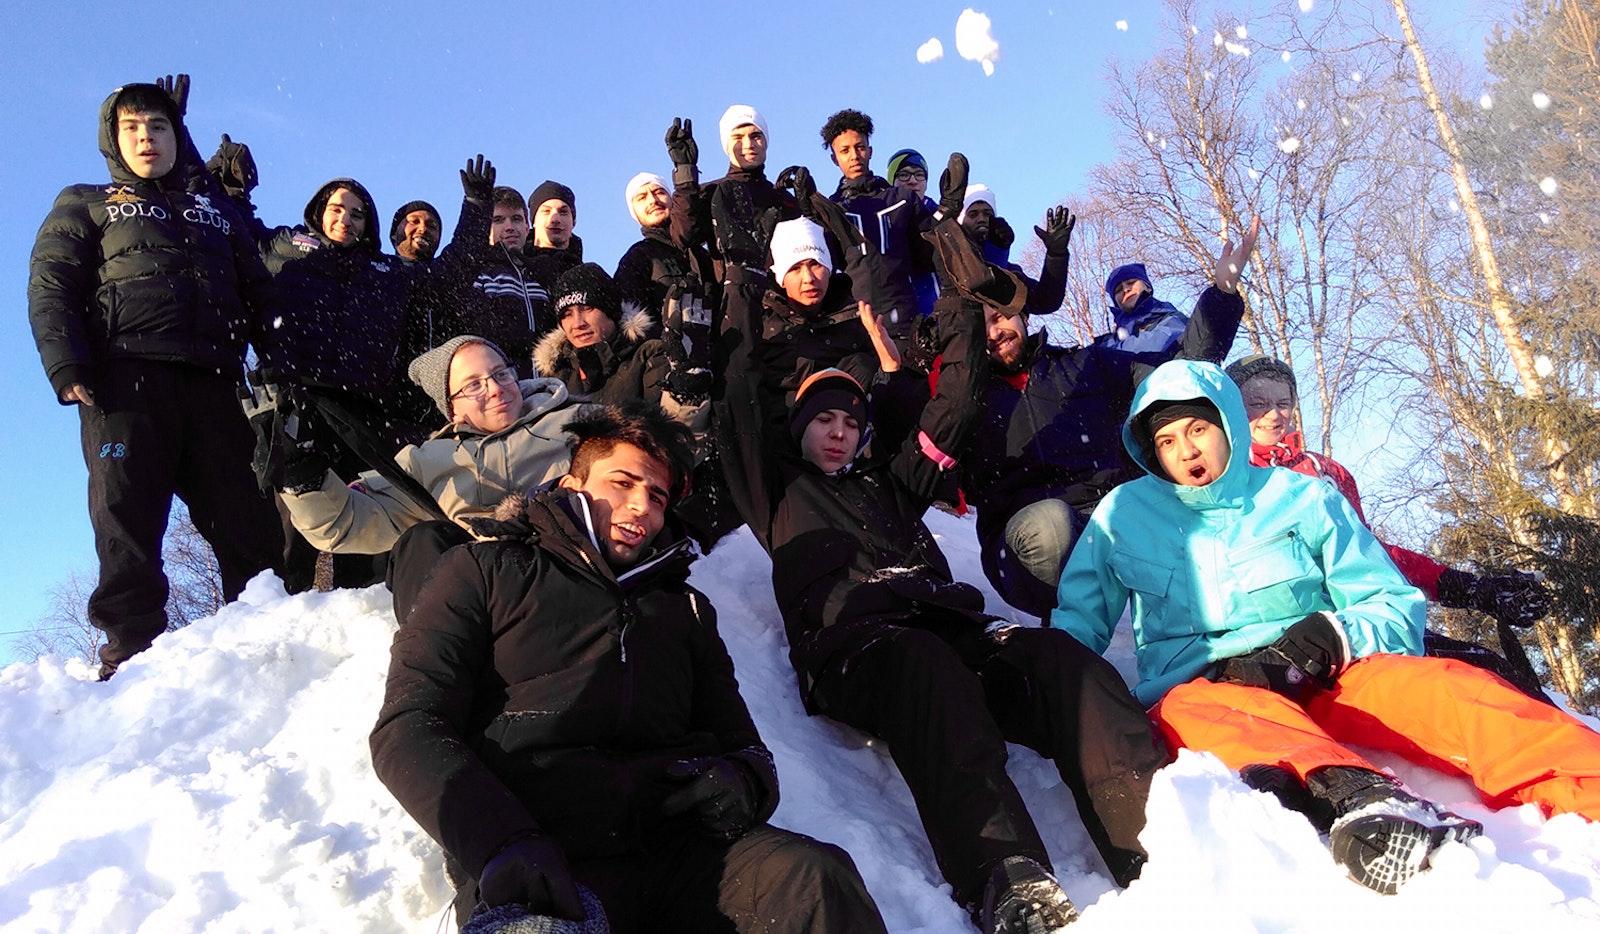 Stort gäng tonårskillar sitter på en snöhög